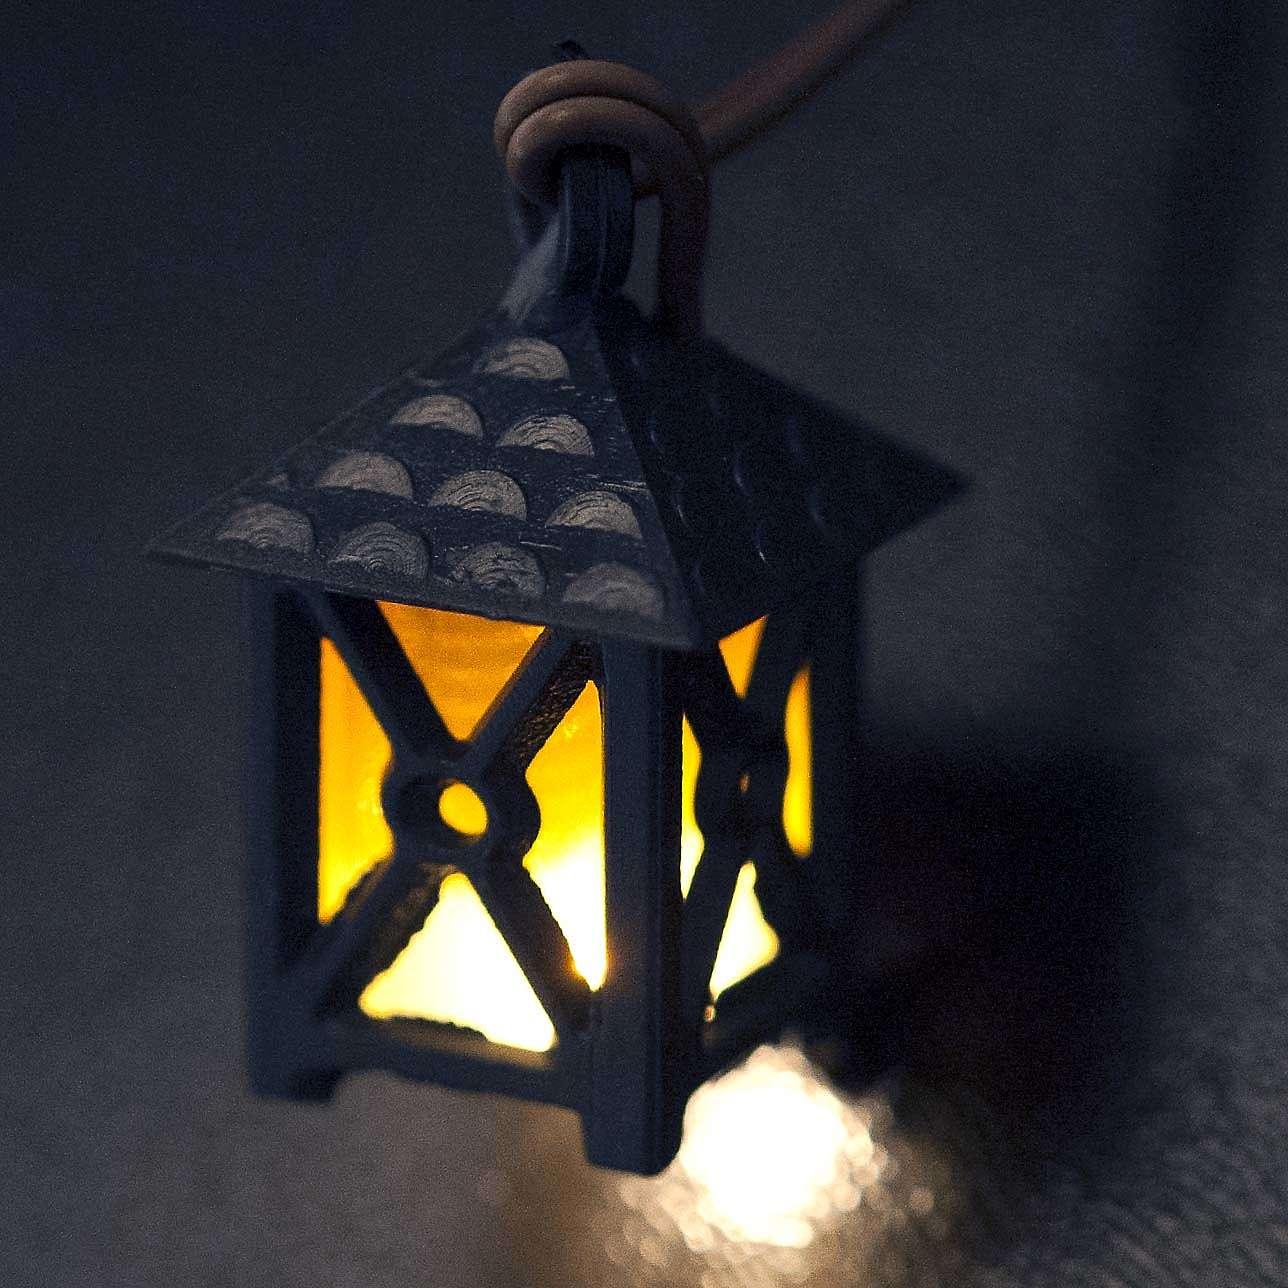 Lanterna presepe con luce gialla basso voltaggio 4